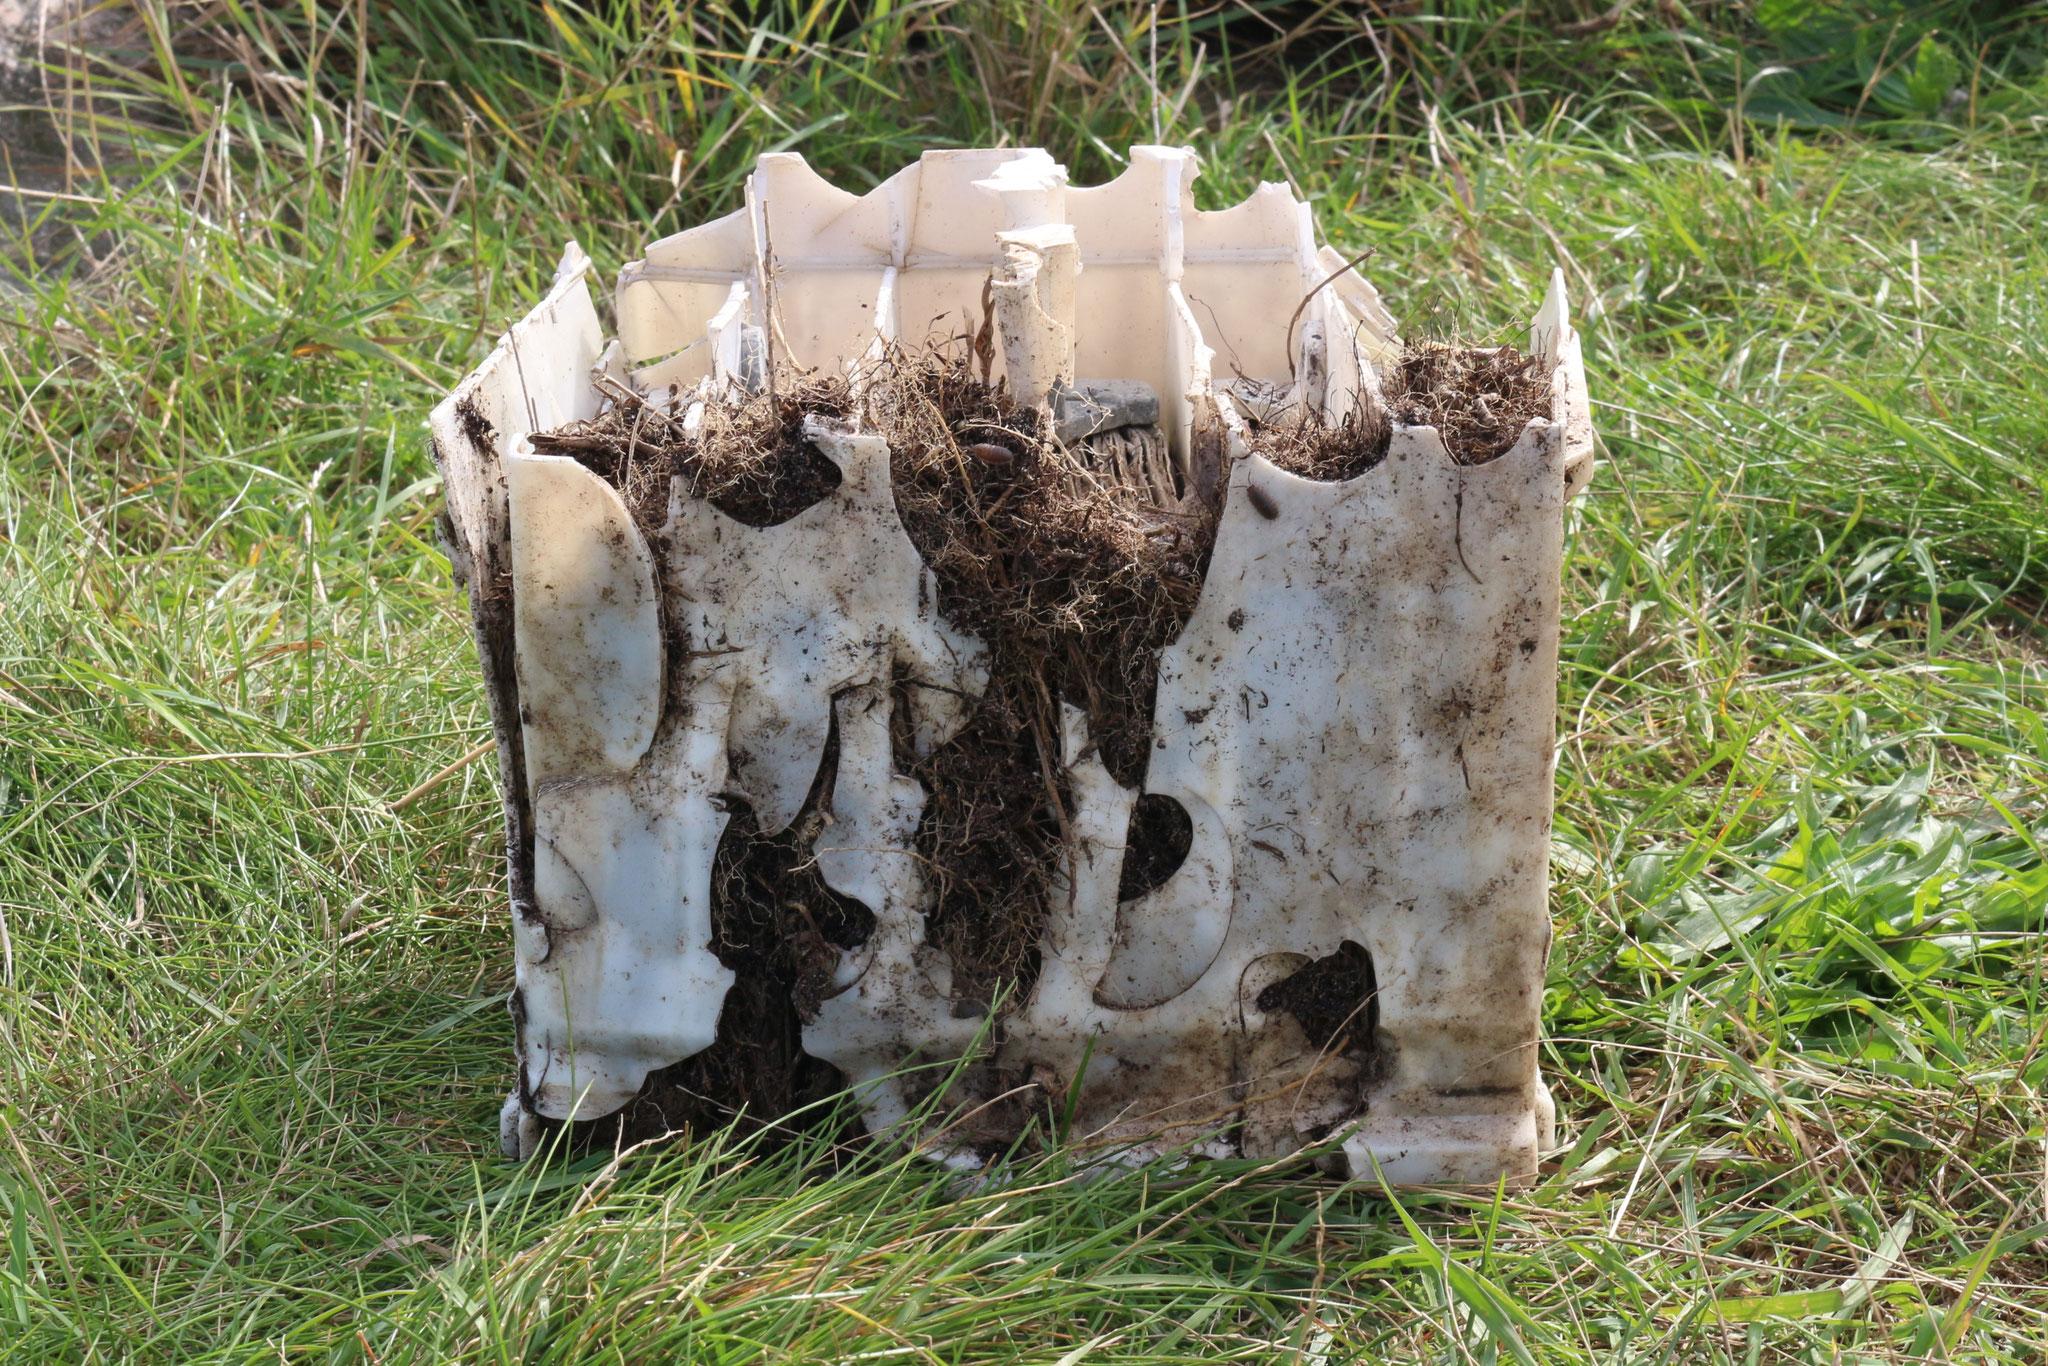 Auch Kurioses, wie diese Autobatterie wurde gefunden.